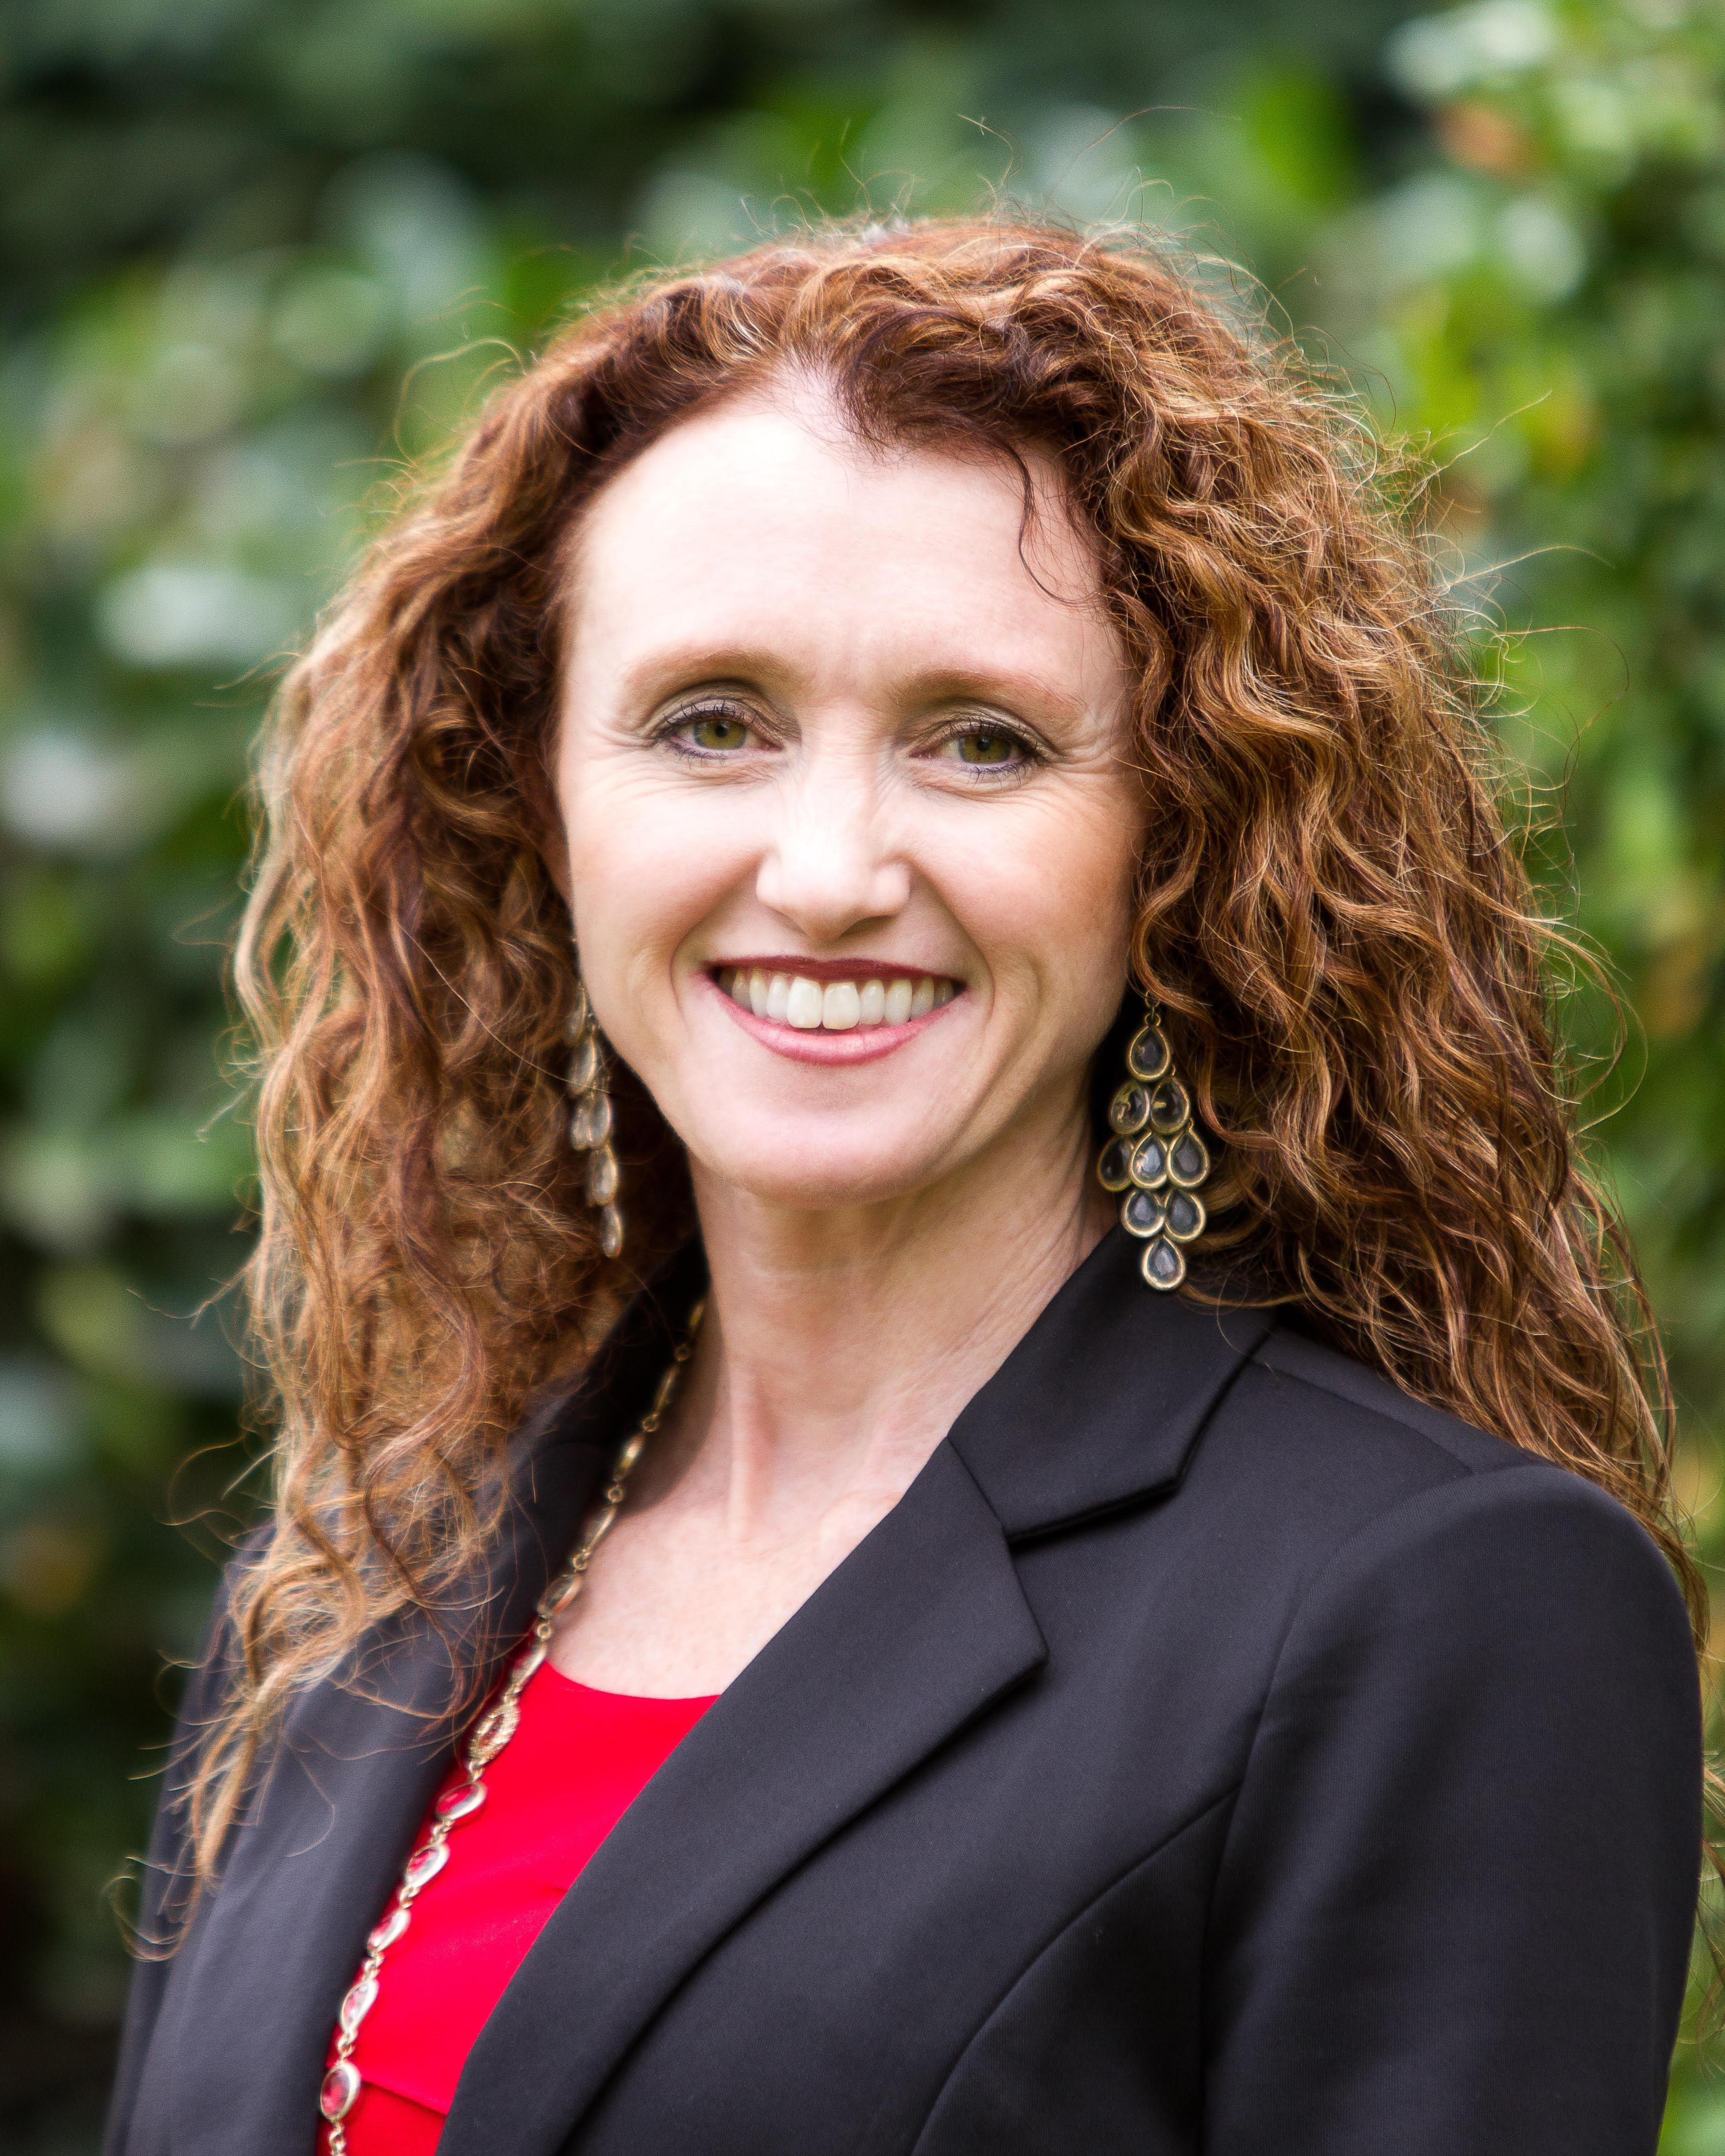 Tanya D. Uribes